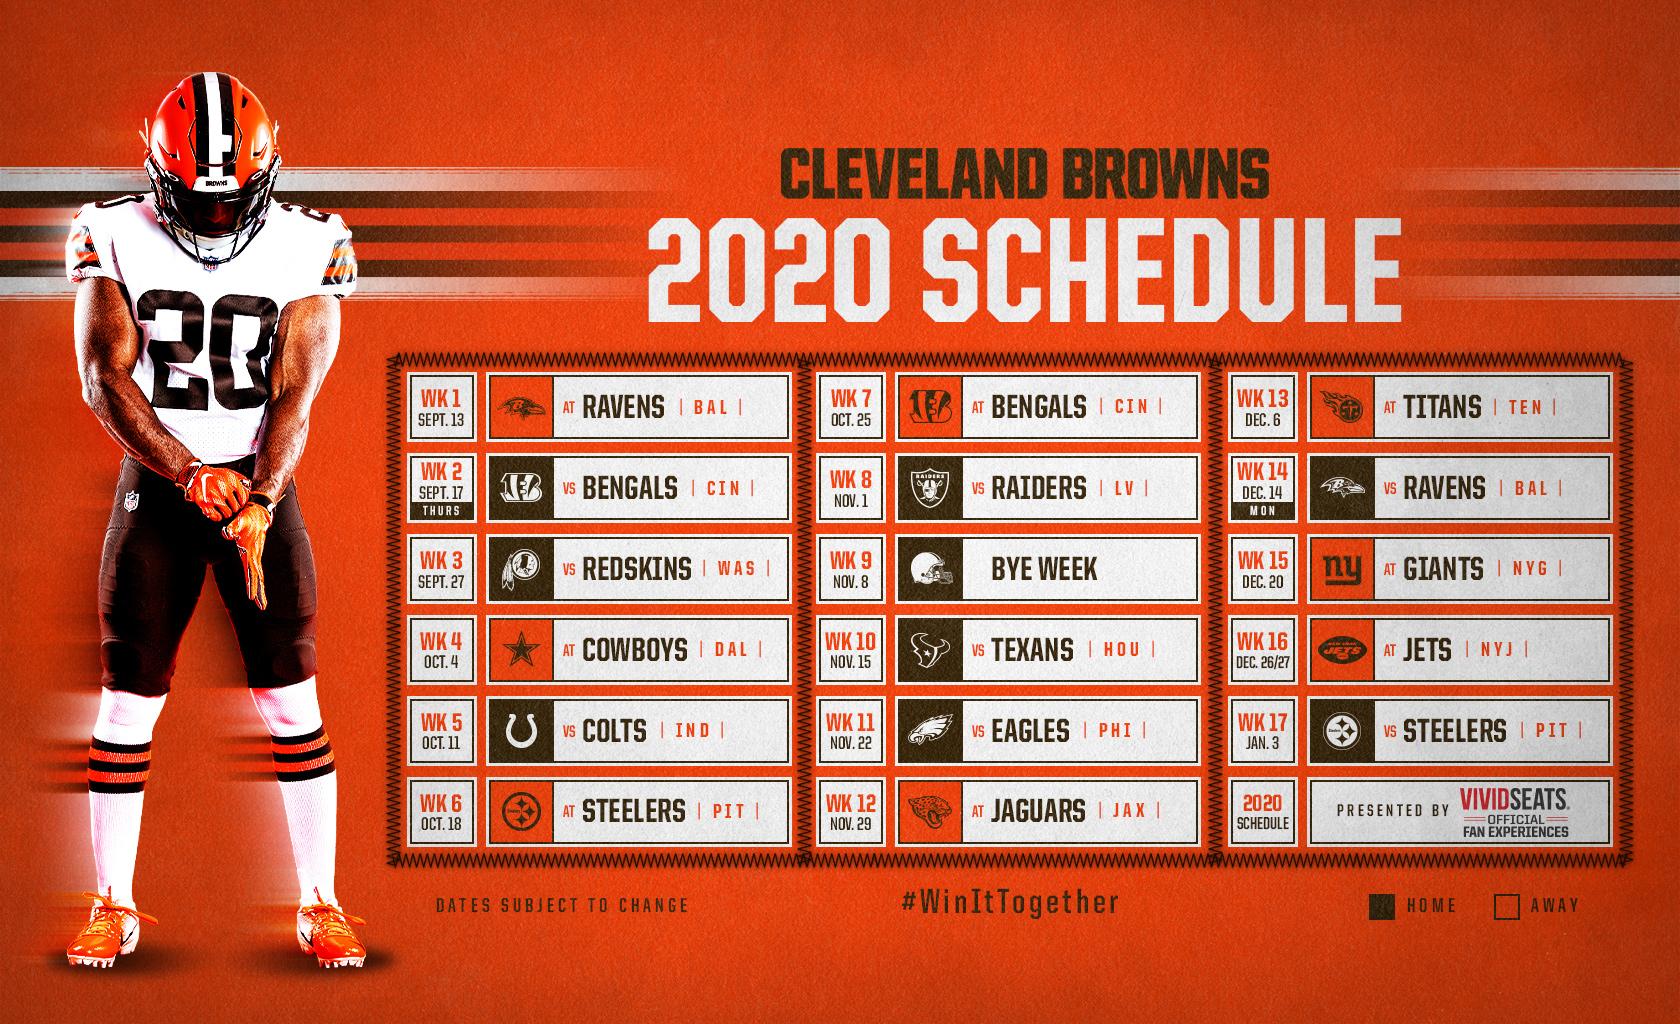 Browns Schedule Downloads | Cleveland Browns